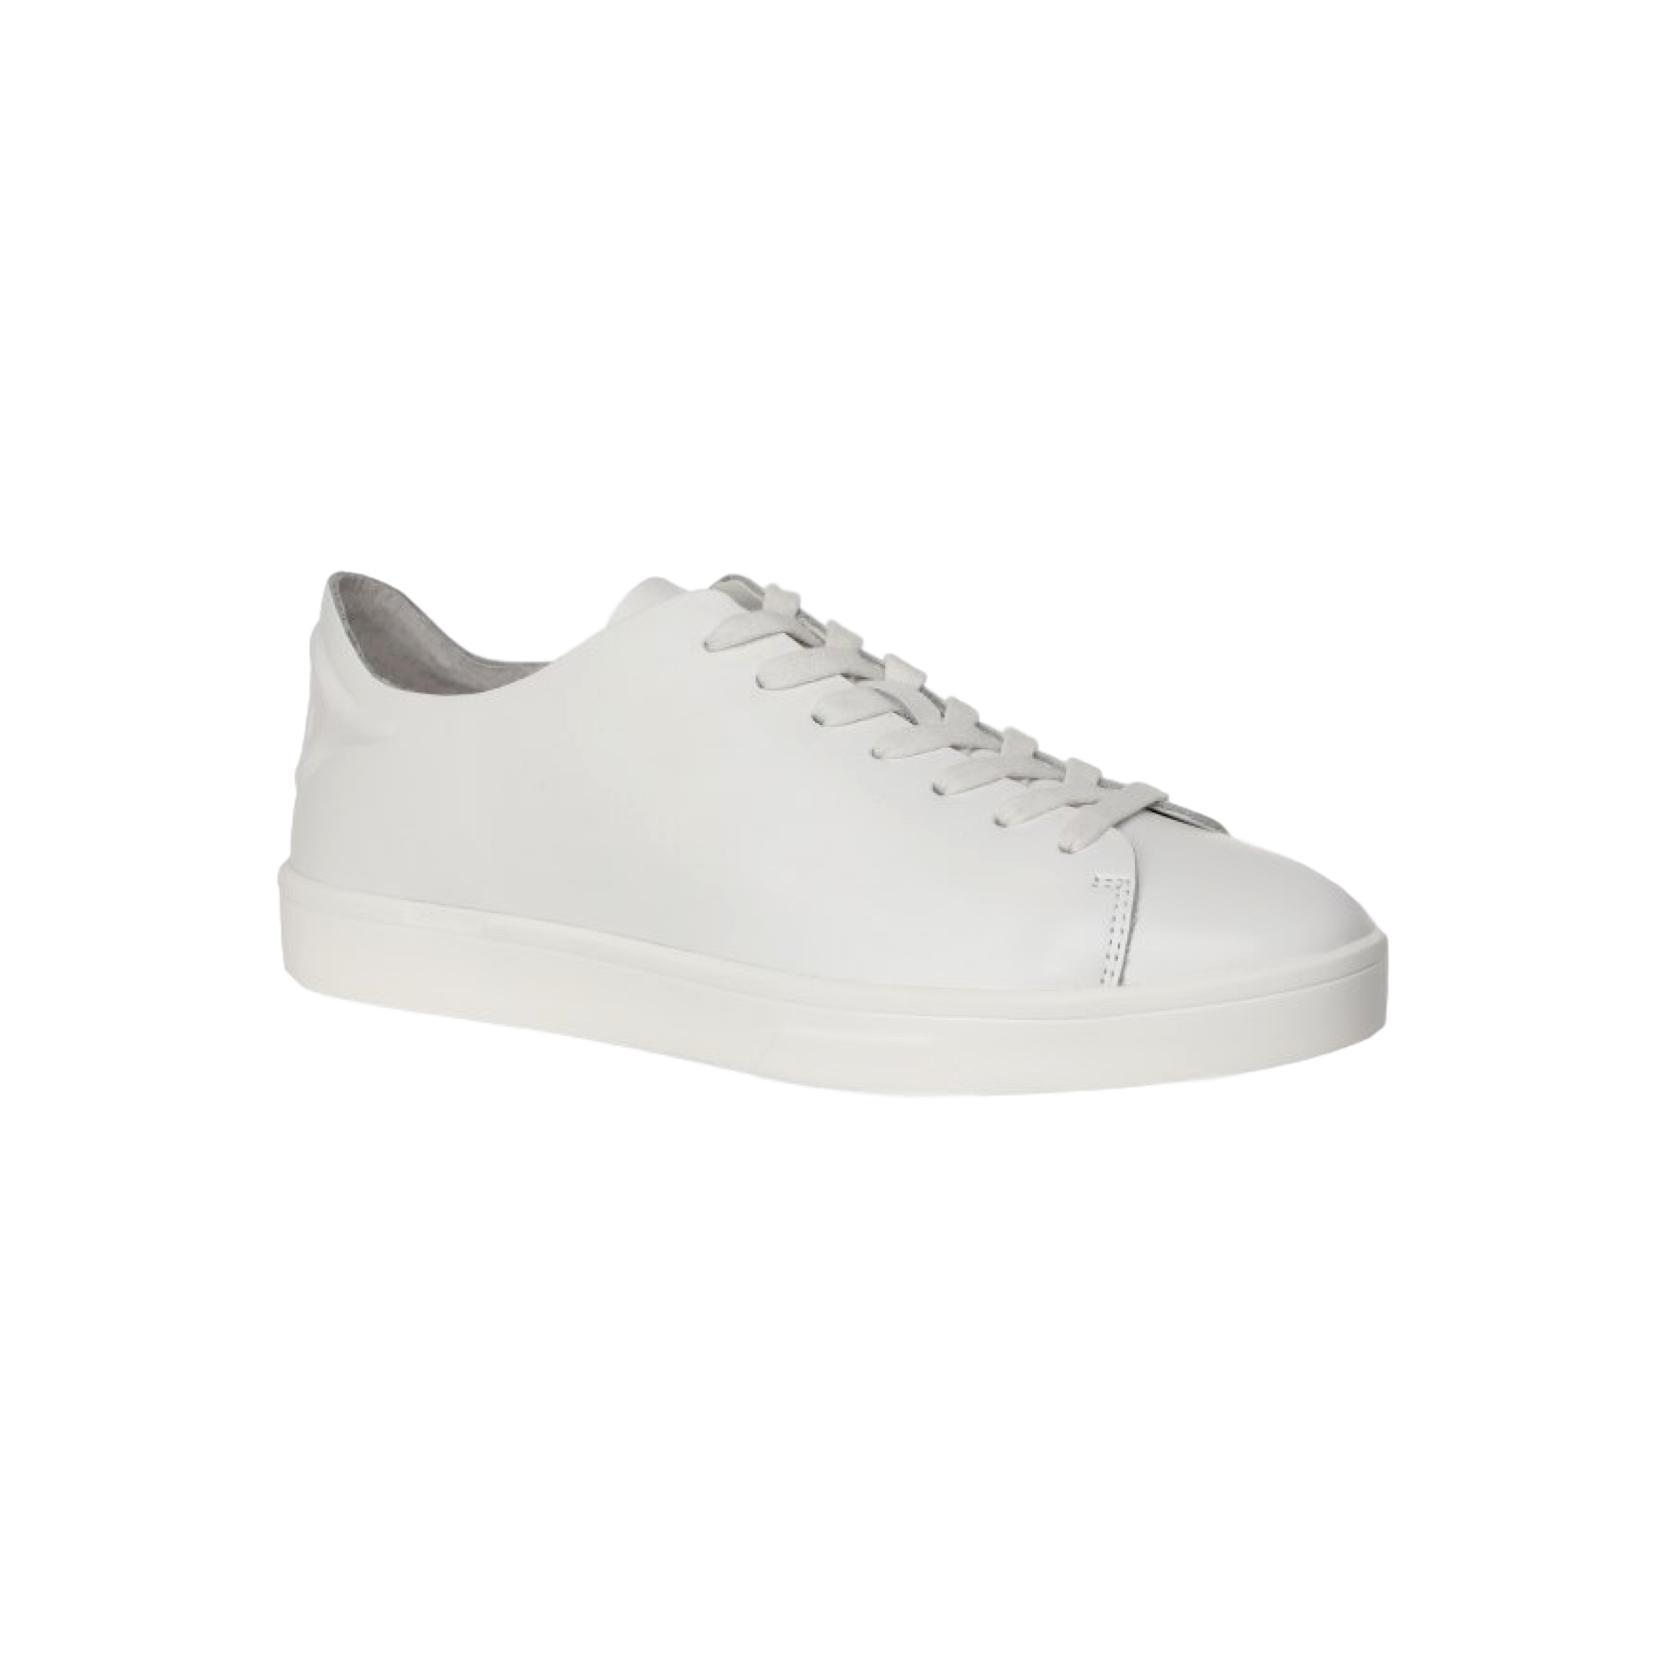 110b5d438 Купить кроссовки Calvin Klein за 9160 руб. в интернет магазине ...